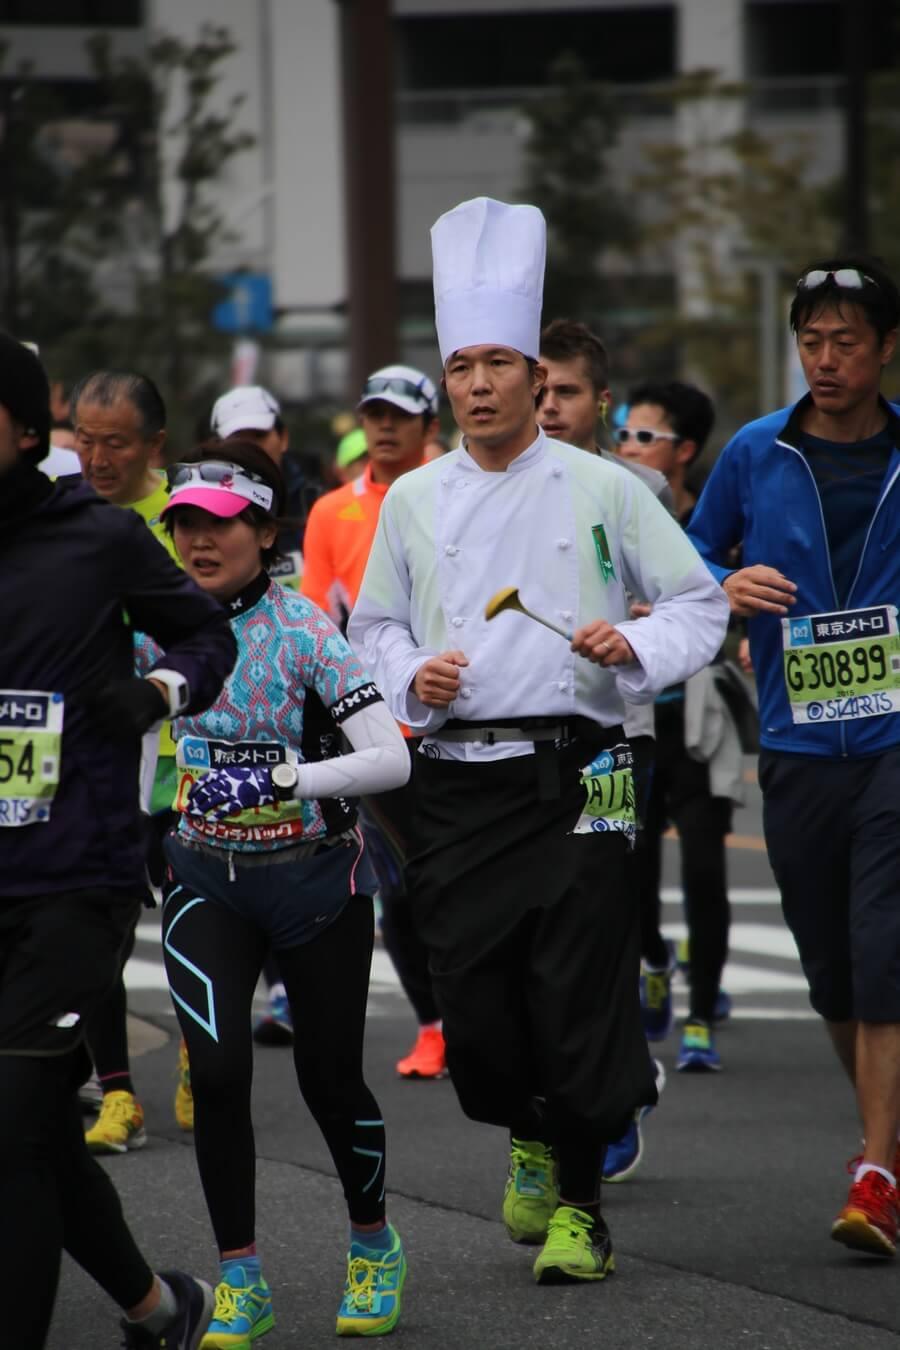 tokyo_marathon_2015 (16)